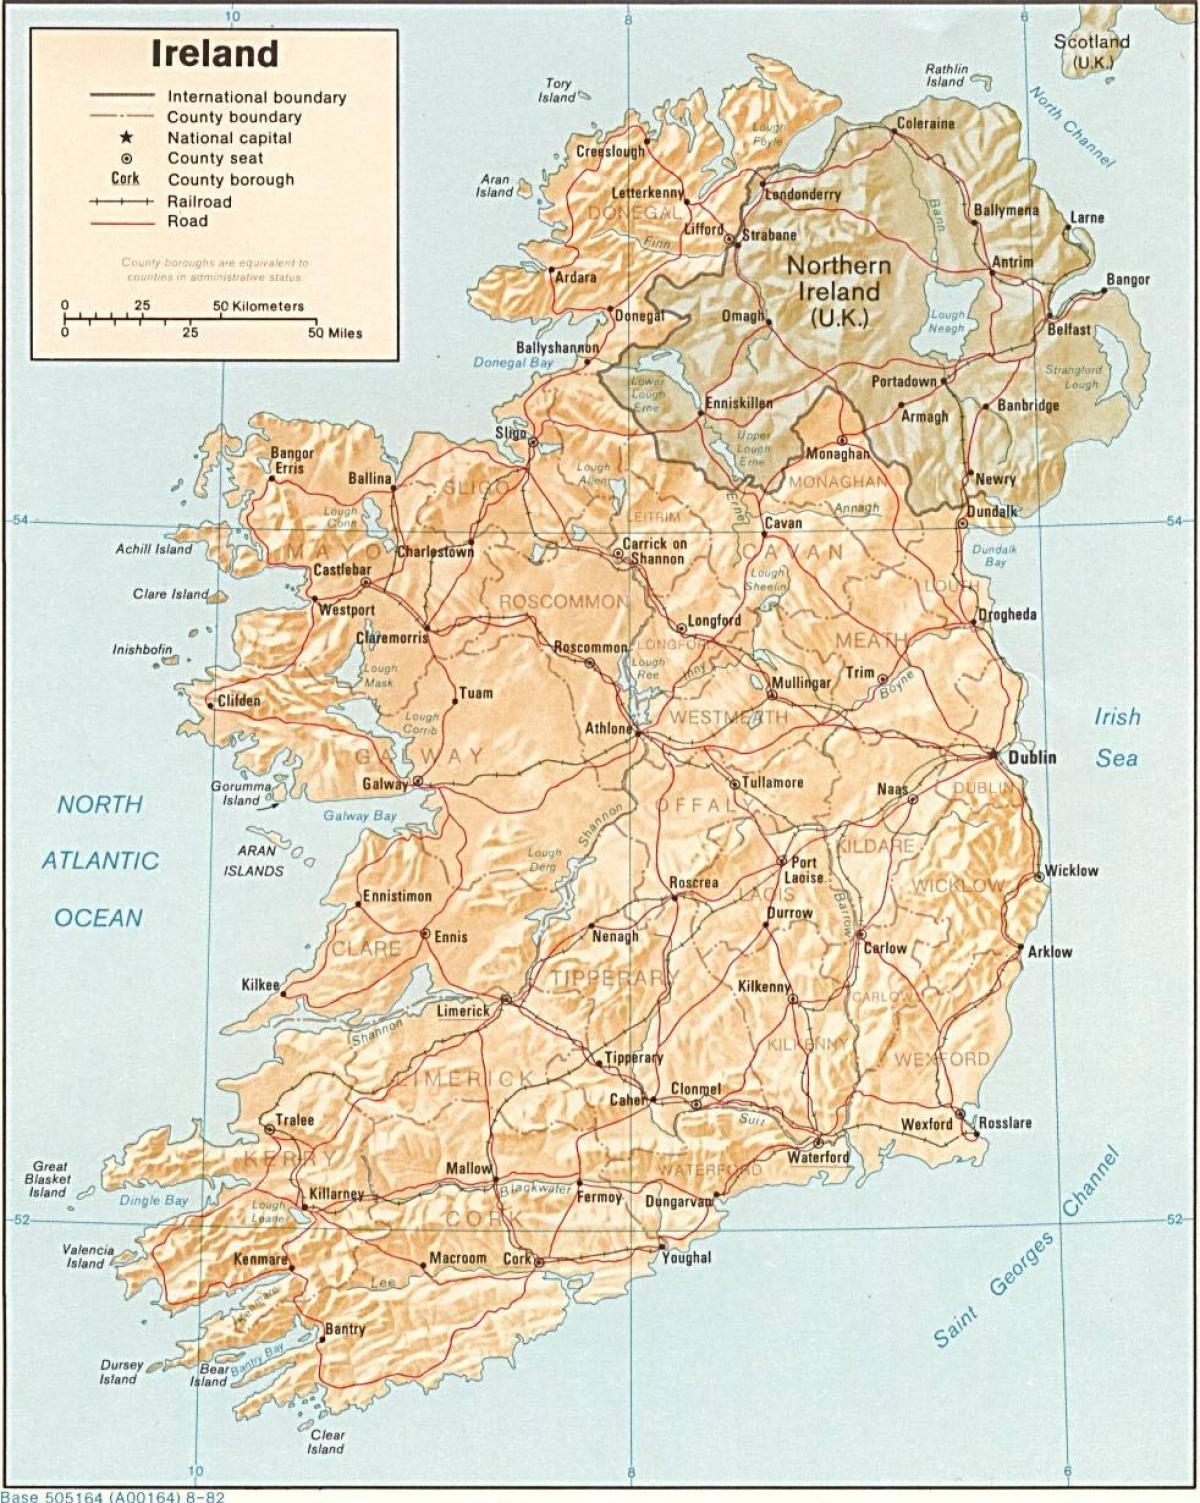 Stort Kart Over Irland For Salg Kart Stort Kart Over Irland For